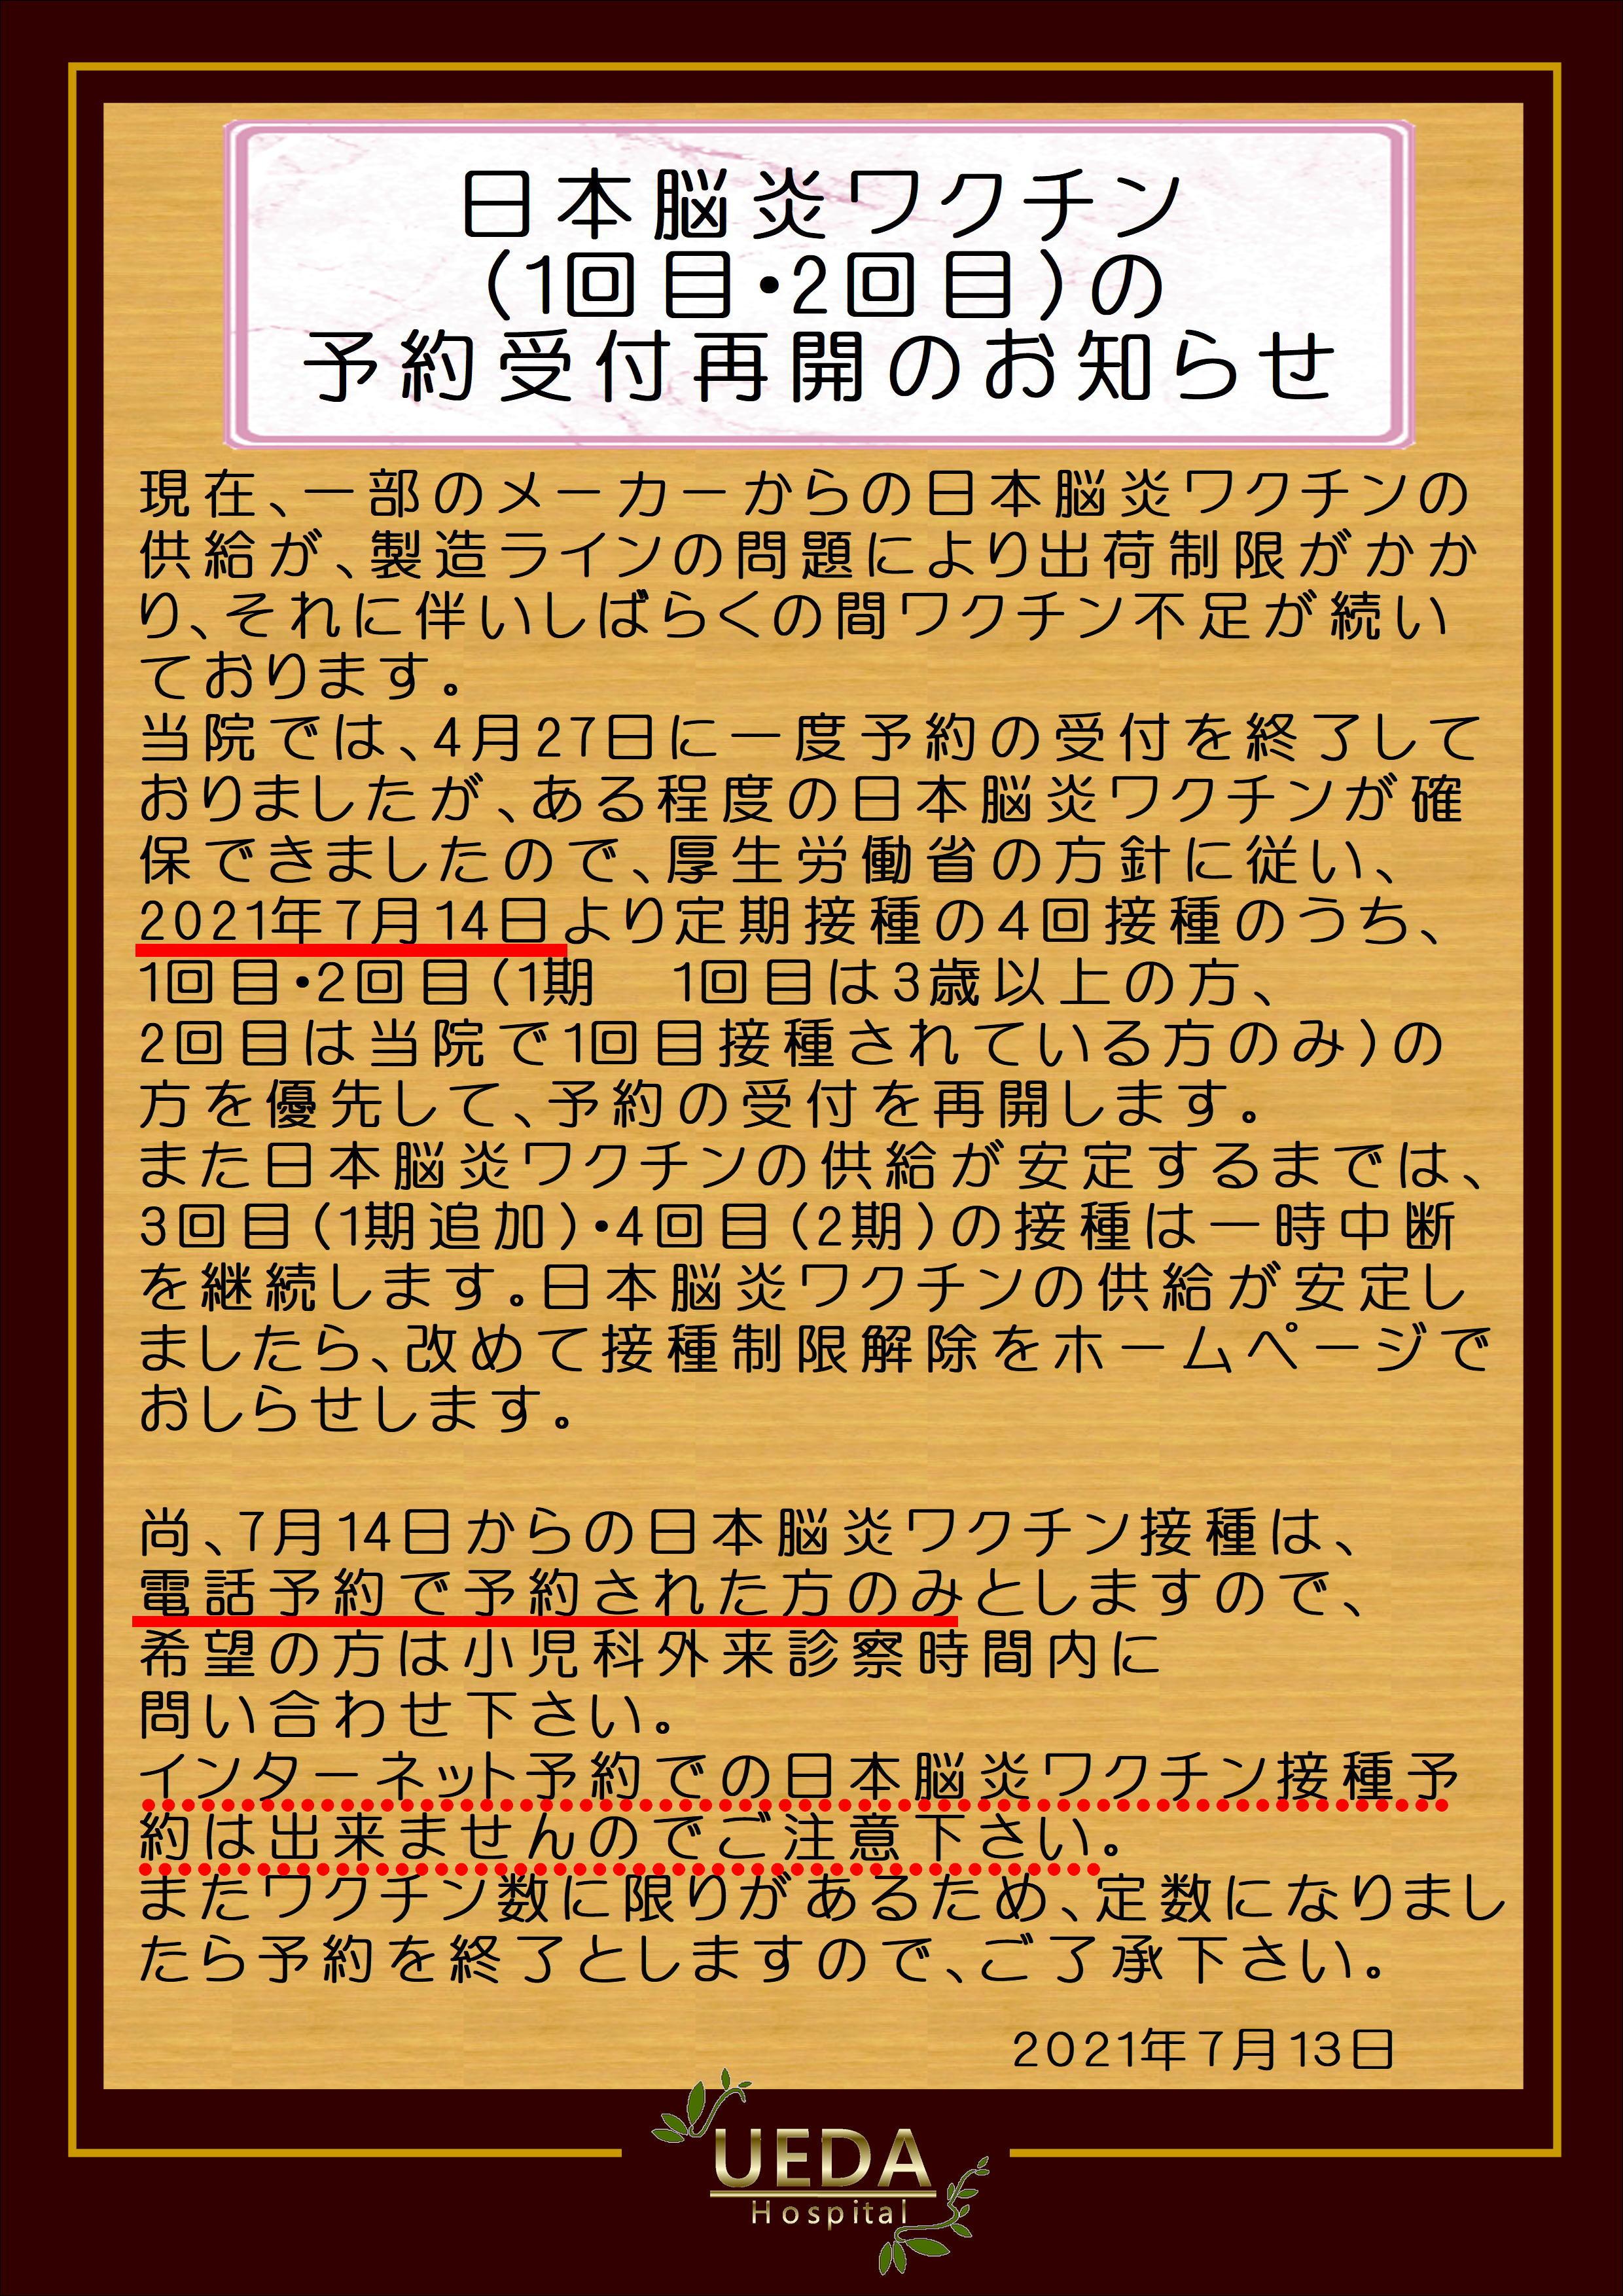 日本脳炎予約受付再開2021.7.14.JPG